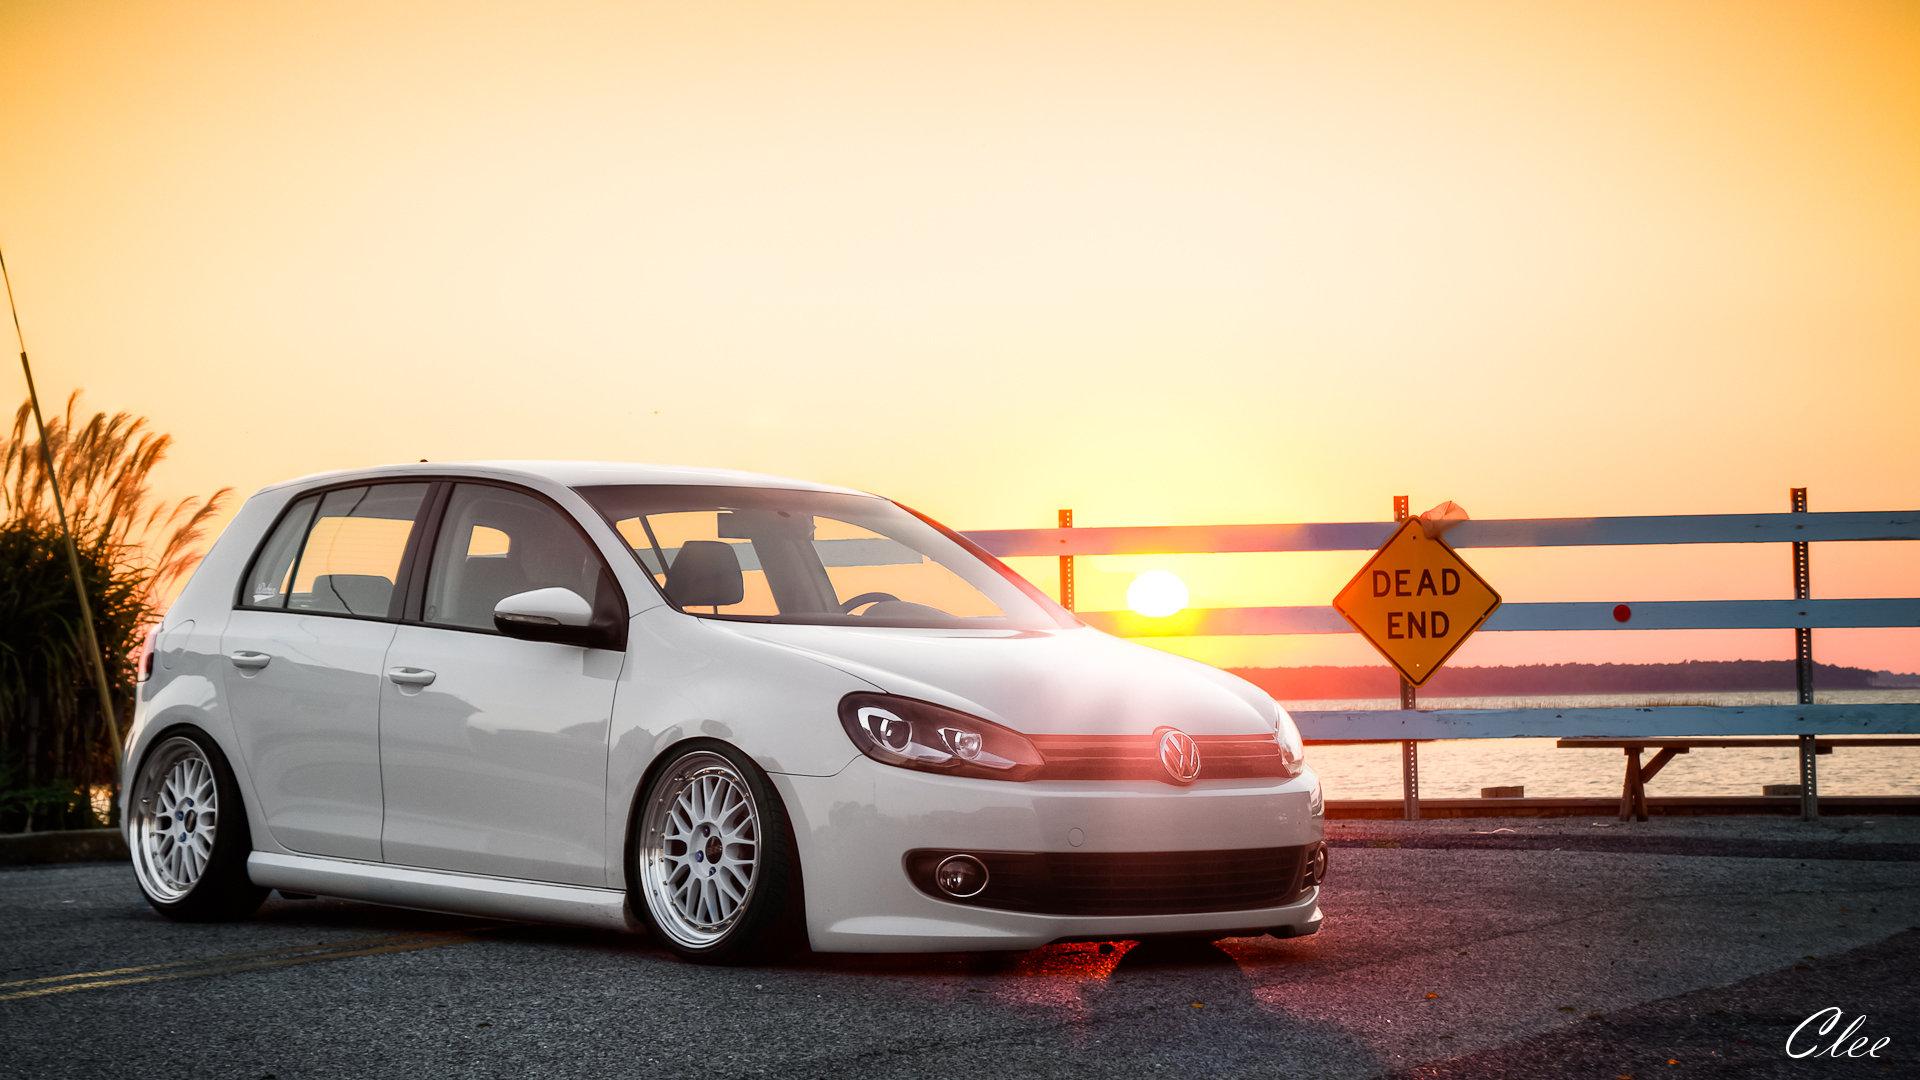 Volkswagen Golf Wallpapers Hd For Desktop Backgrounds